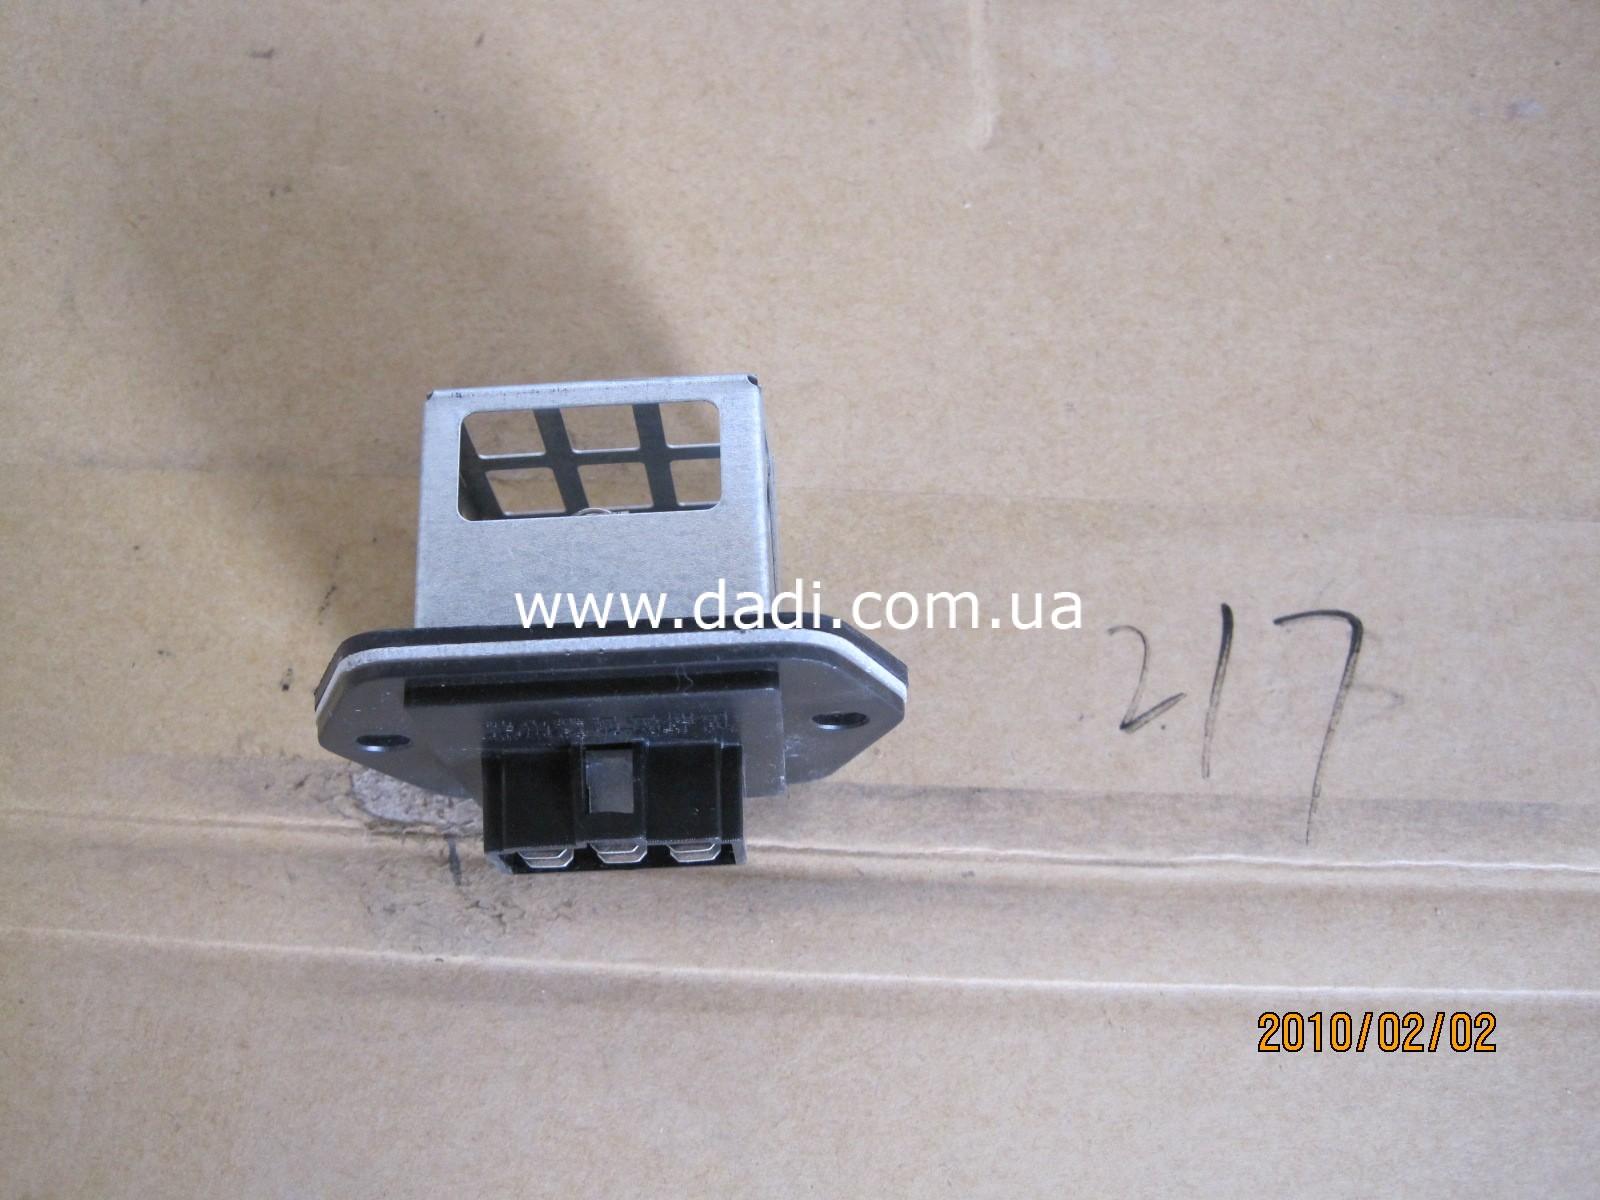 Терморегулятор обертів вентилятора обігрівача (конд.)/ терморегулятор оборотов вентилятора печки-508